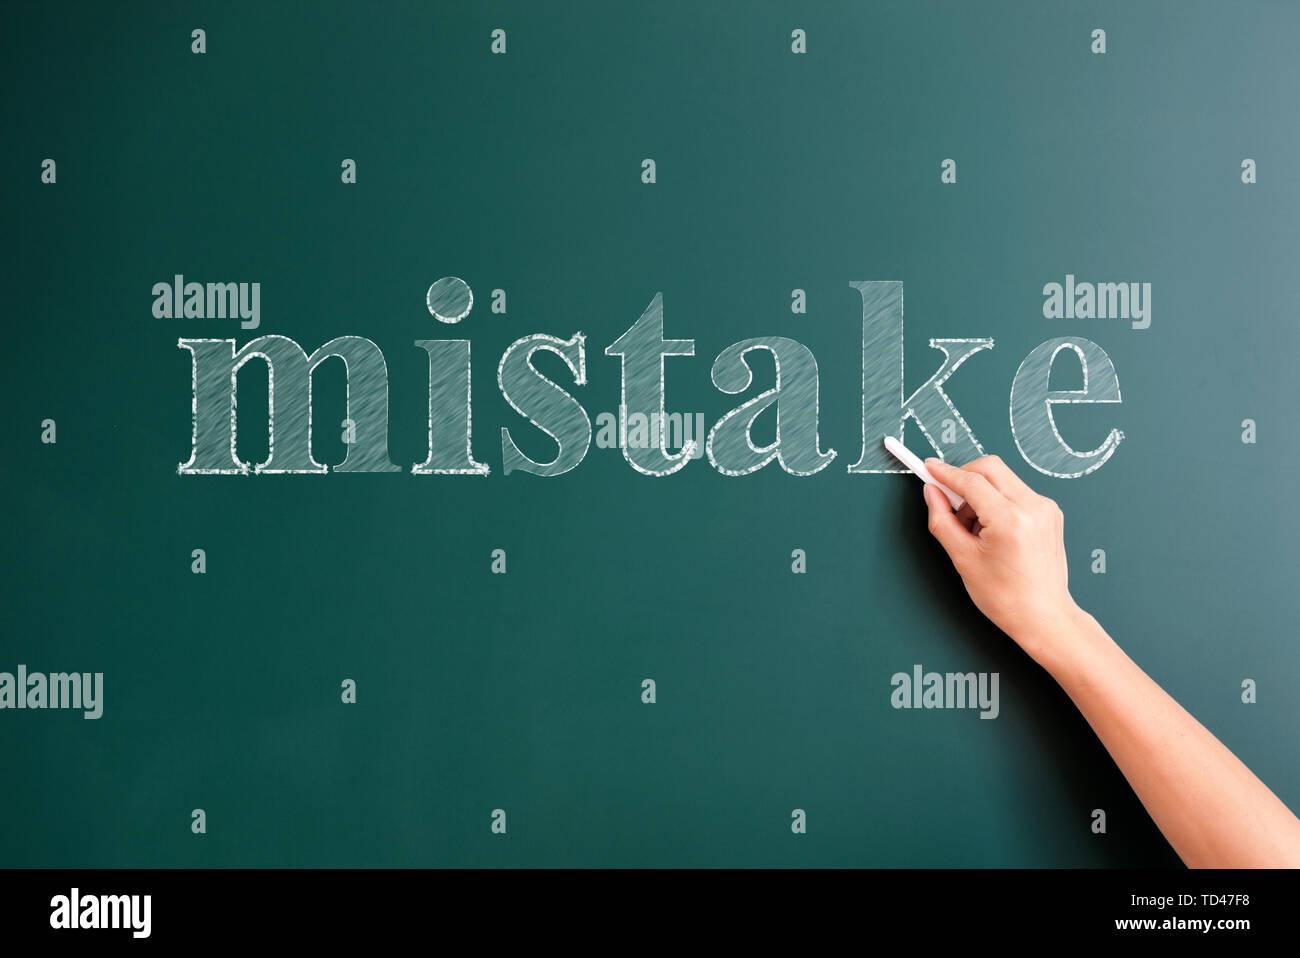 mistake written on blackboard - Stock Image